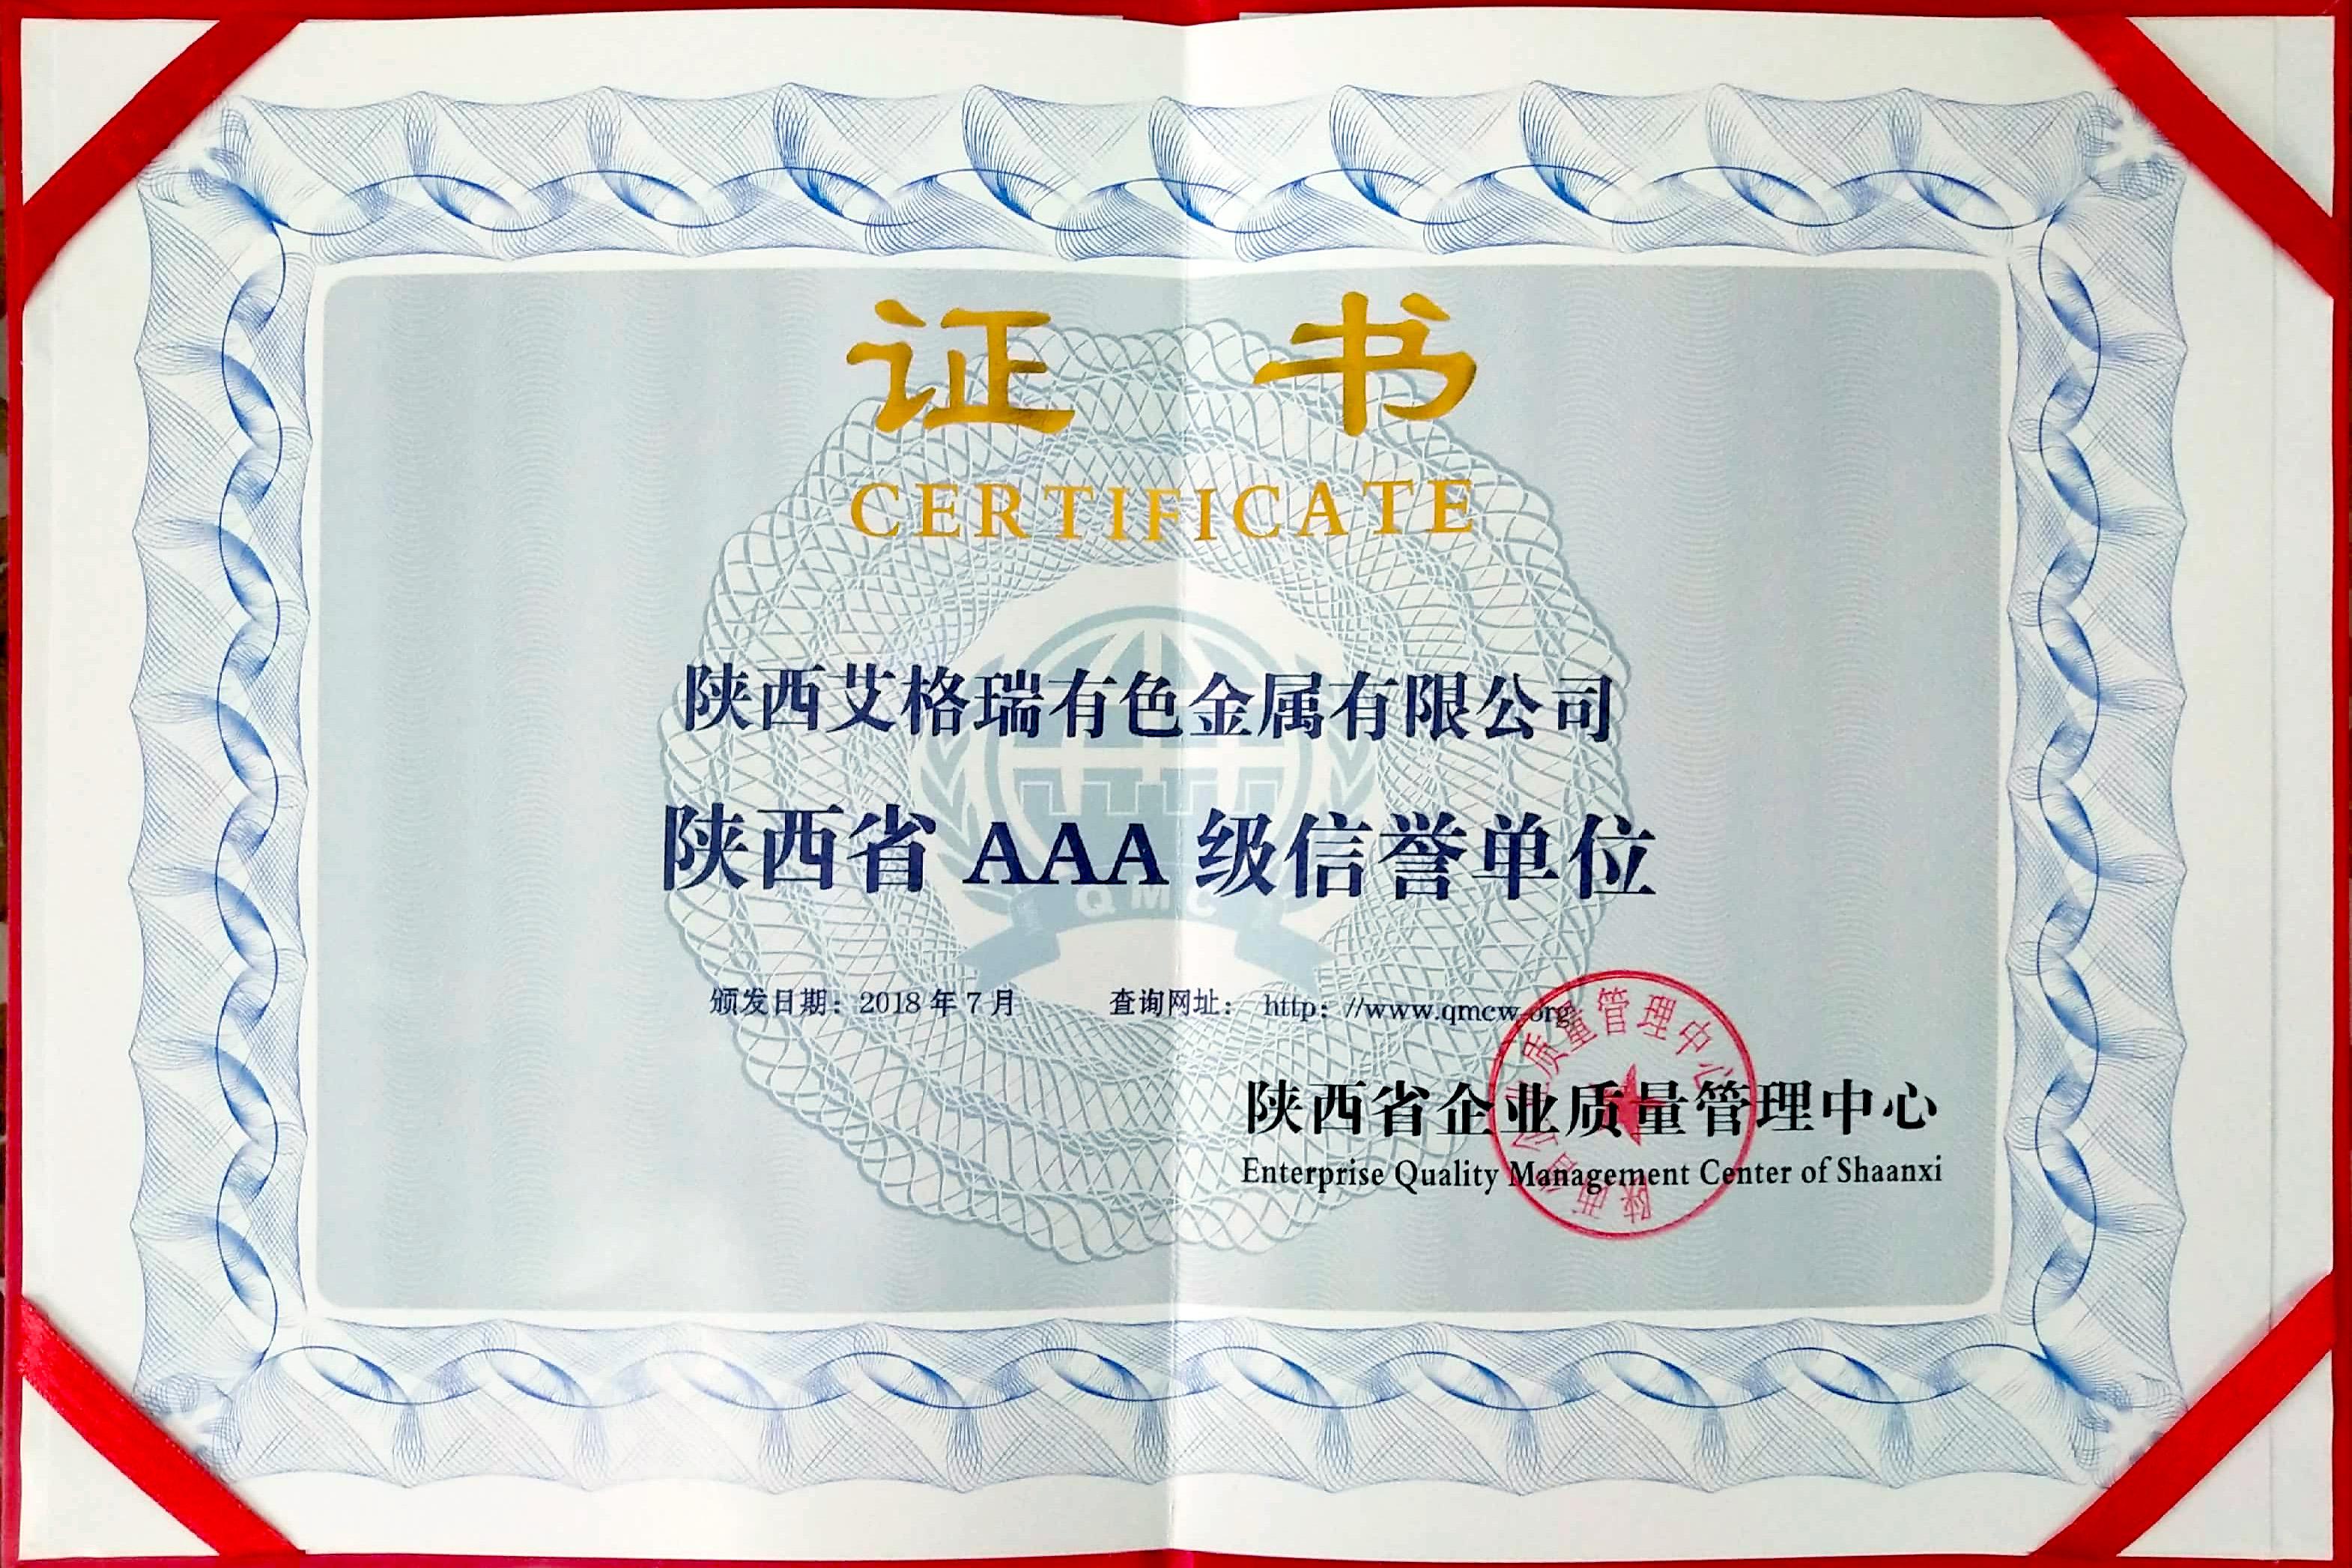 陕西省AAA级信誉单位-证书